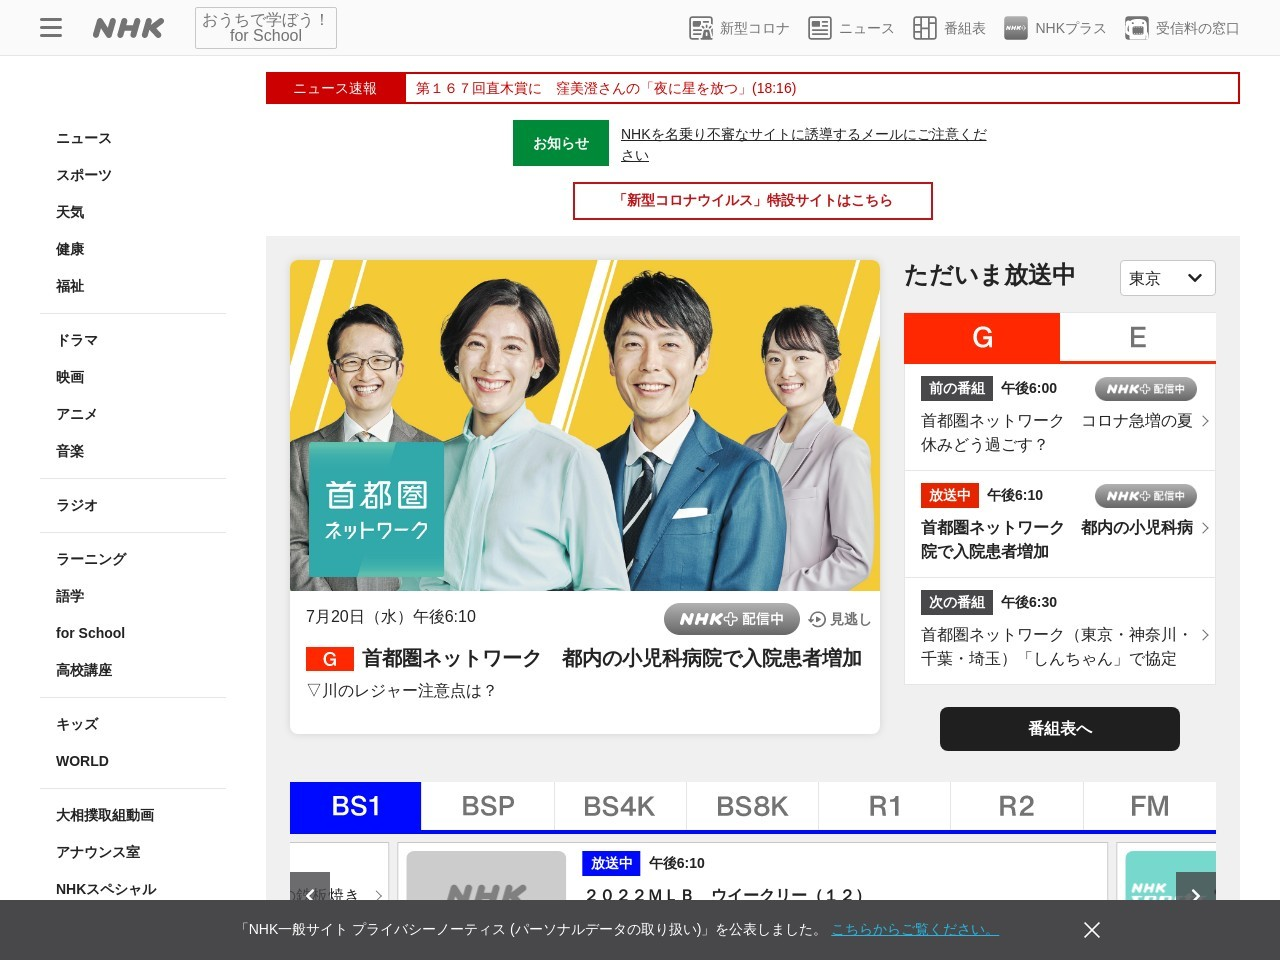 ドラマ NHKオンライン